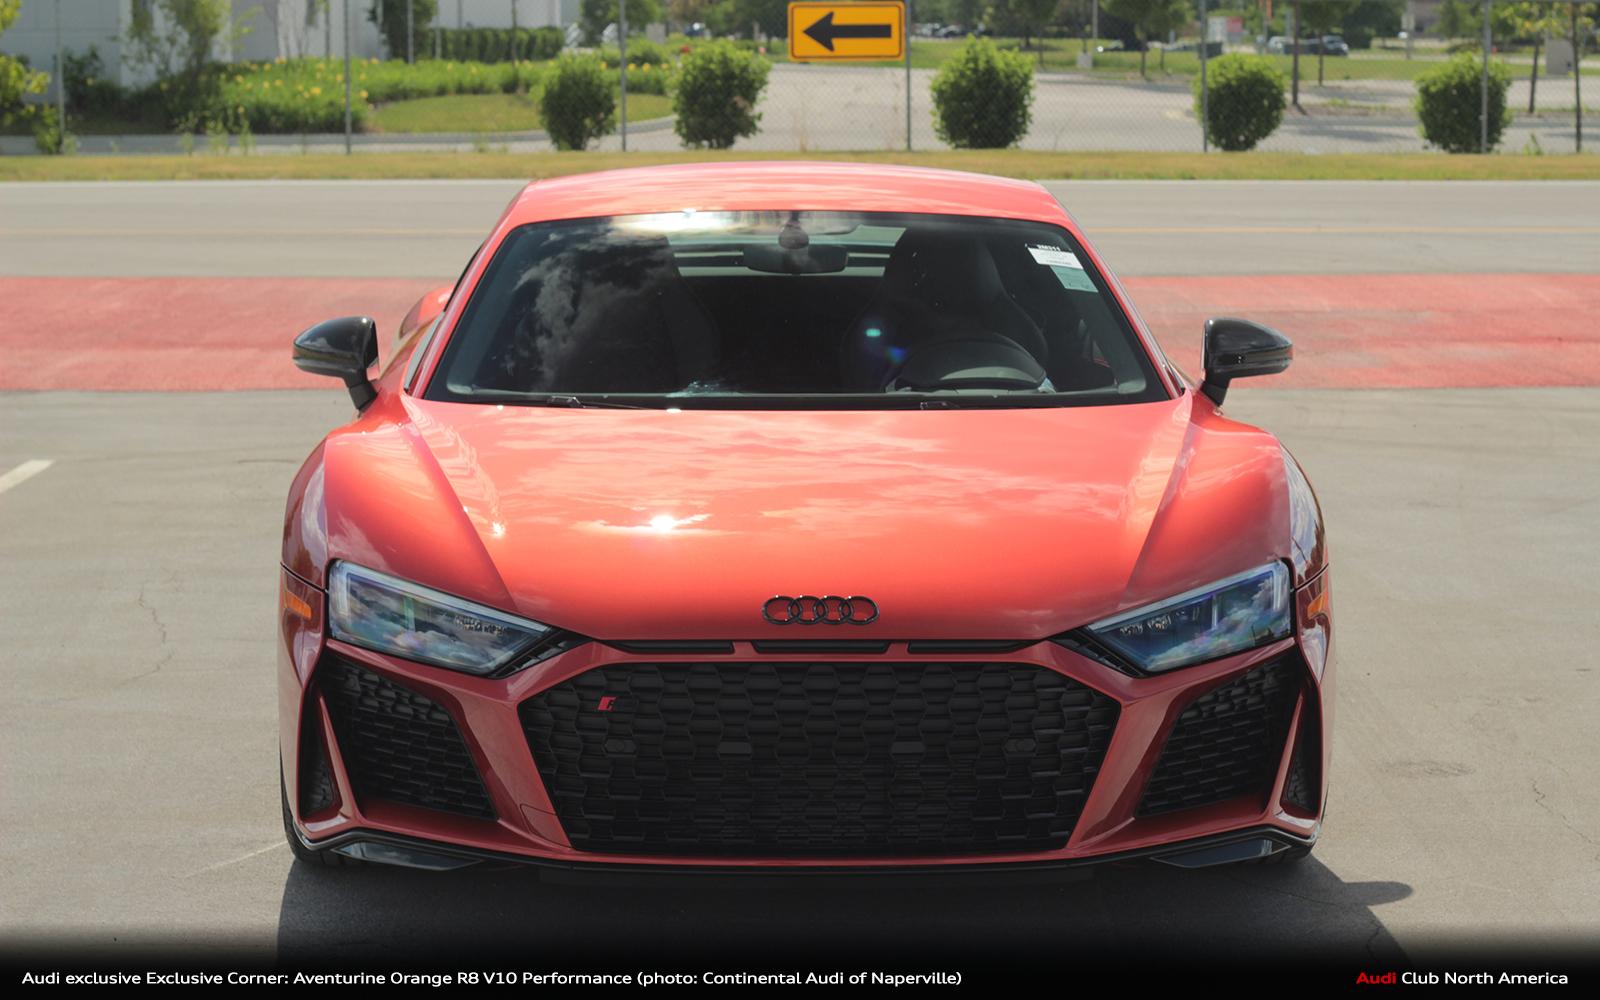 Audi Exclusive Exclusive Corner Aventurine Orange R8 V10 Performance 4 Audi Club North America